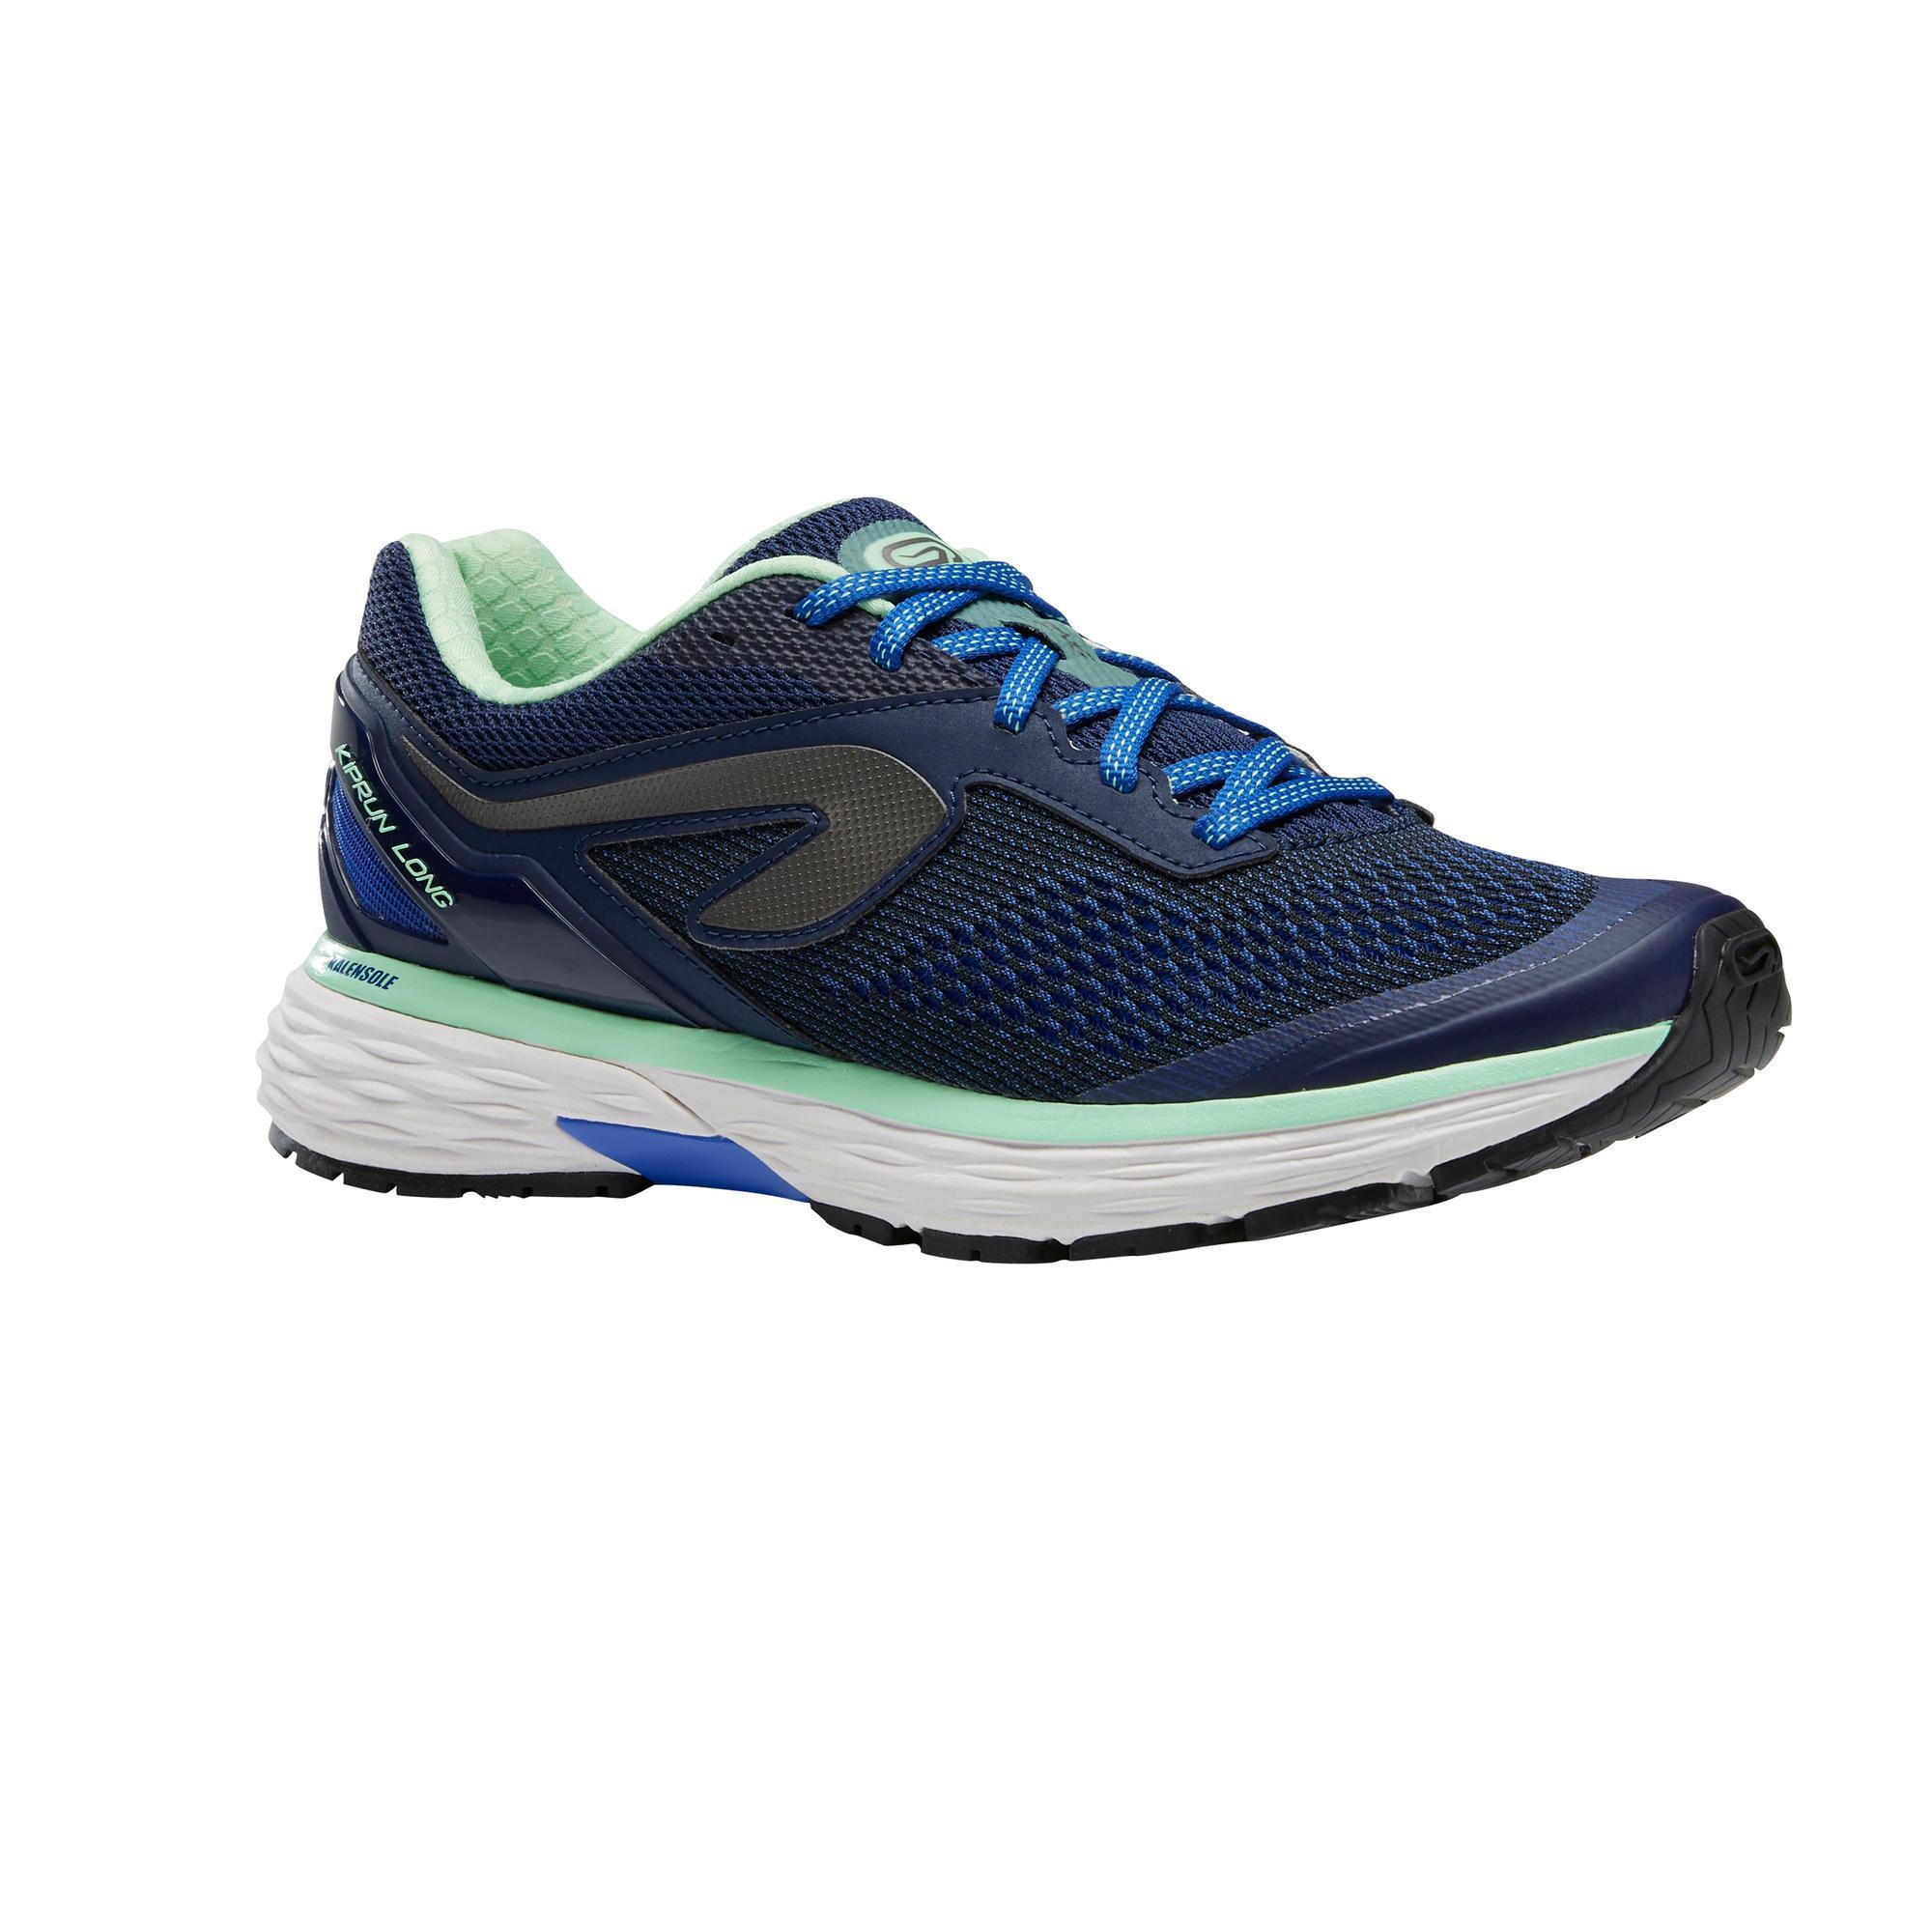 b76dfedd455 Comprar Zapatillas de running para correr mujer